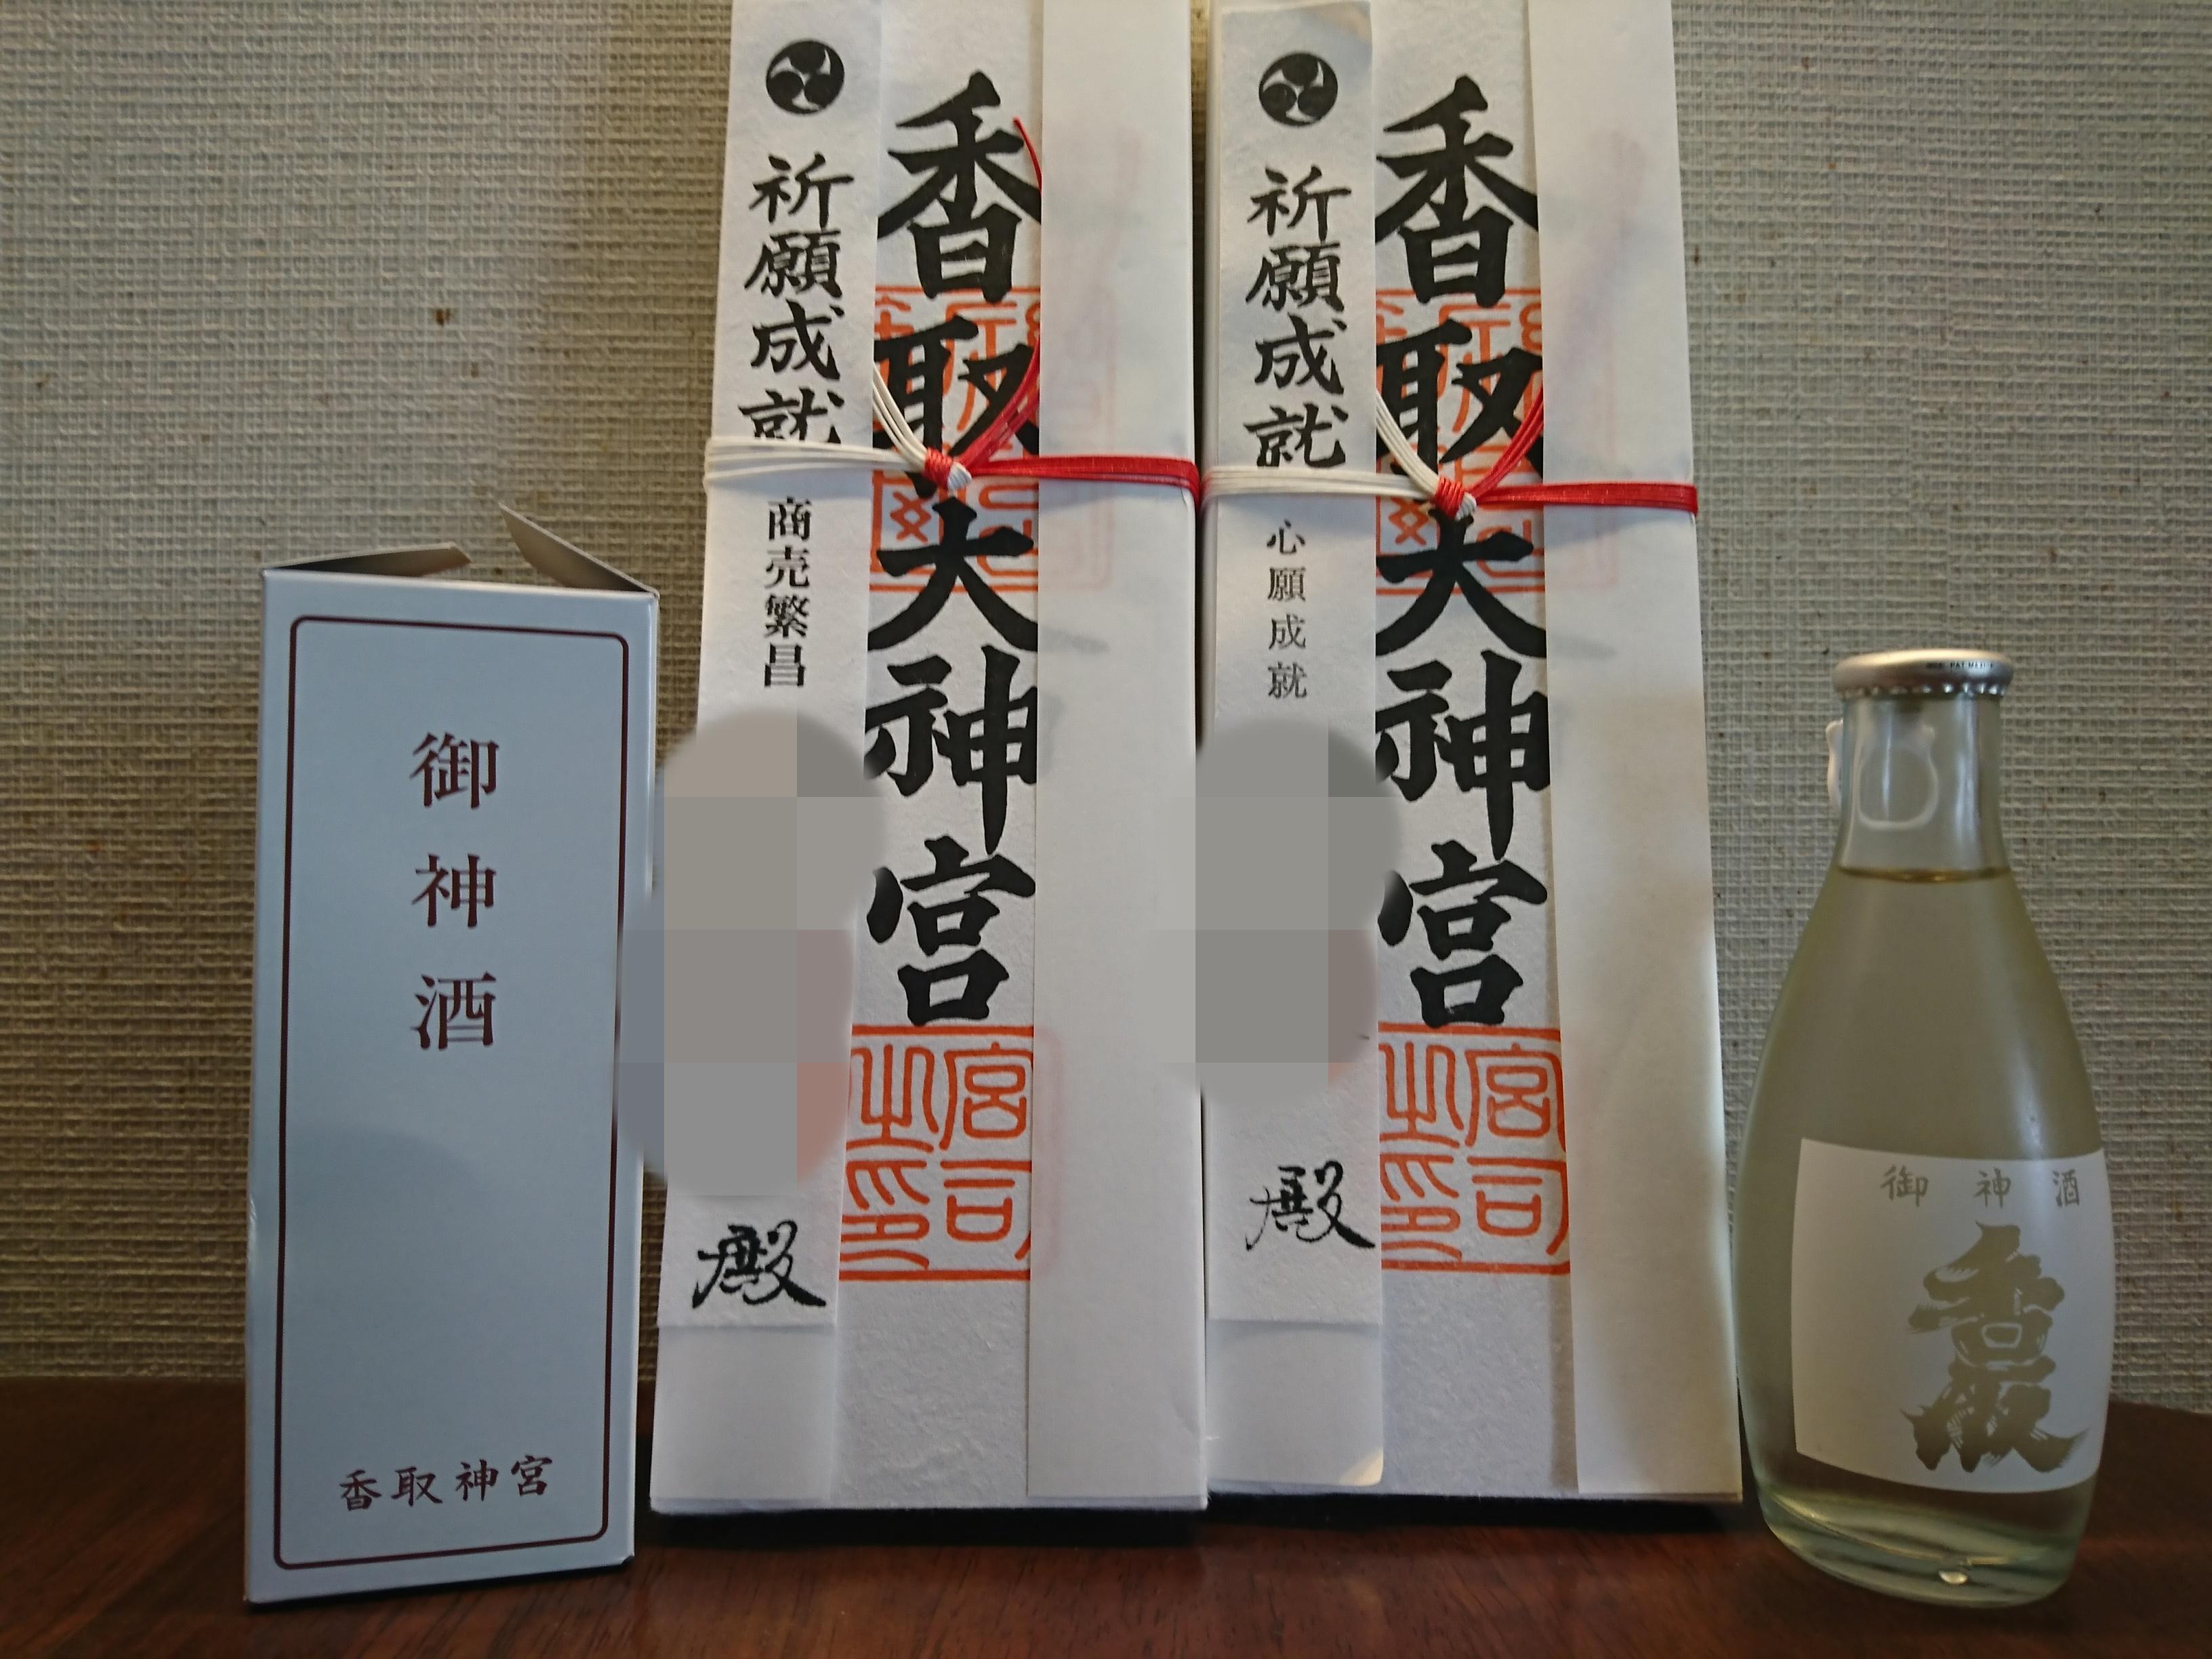 香取神宮のお札と御神酒